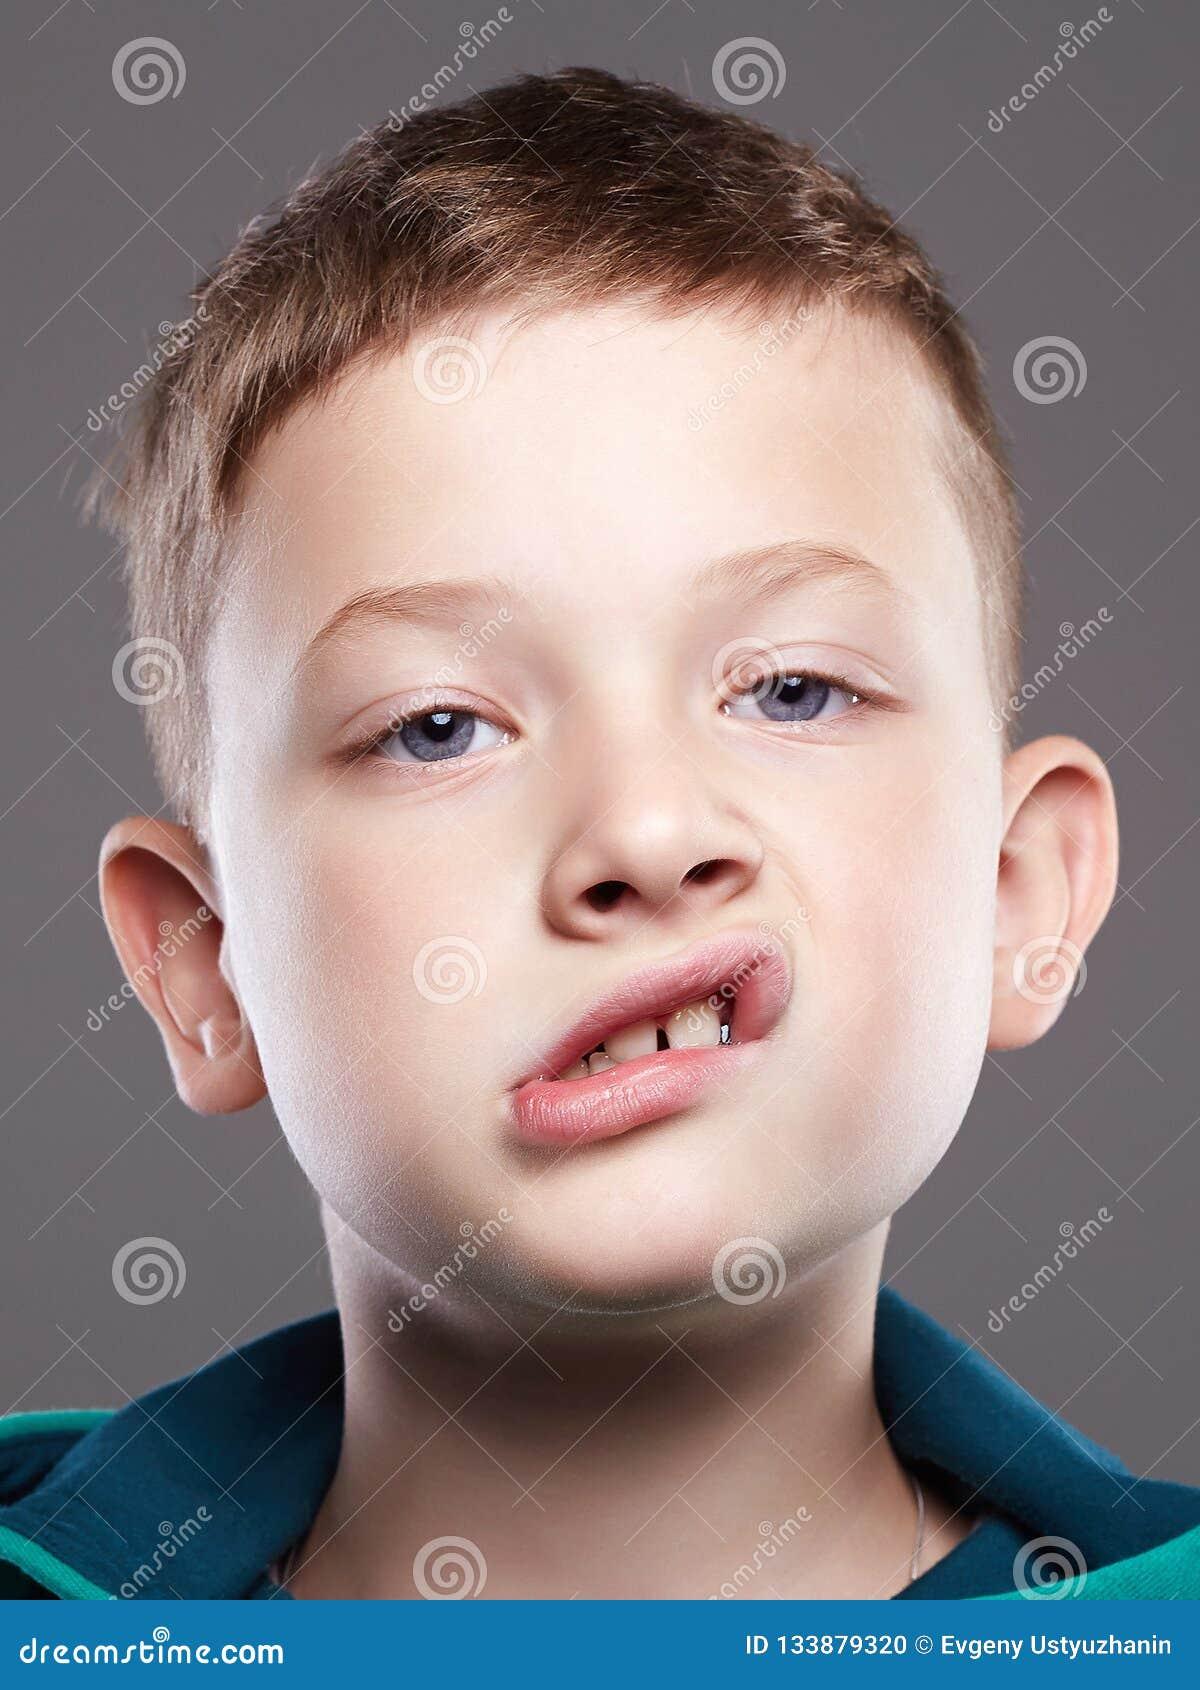 Смешной малыш смешной ребенок эмоции гримасы